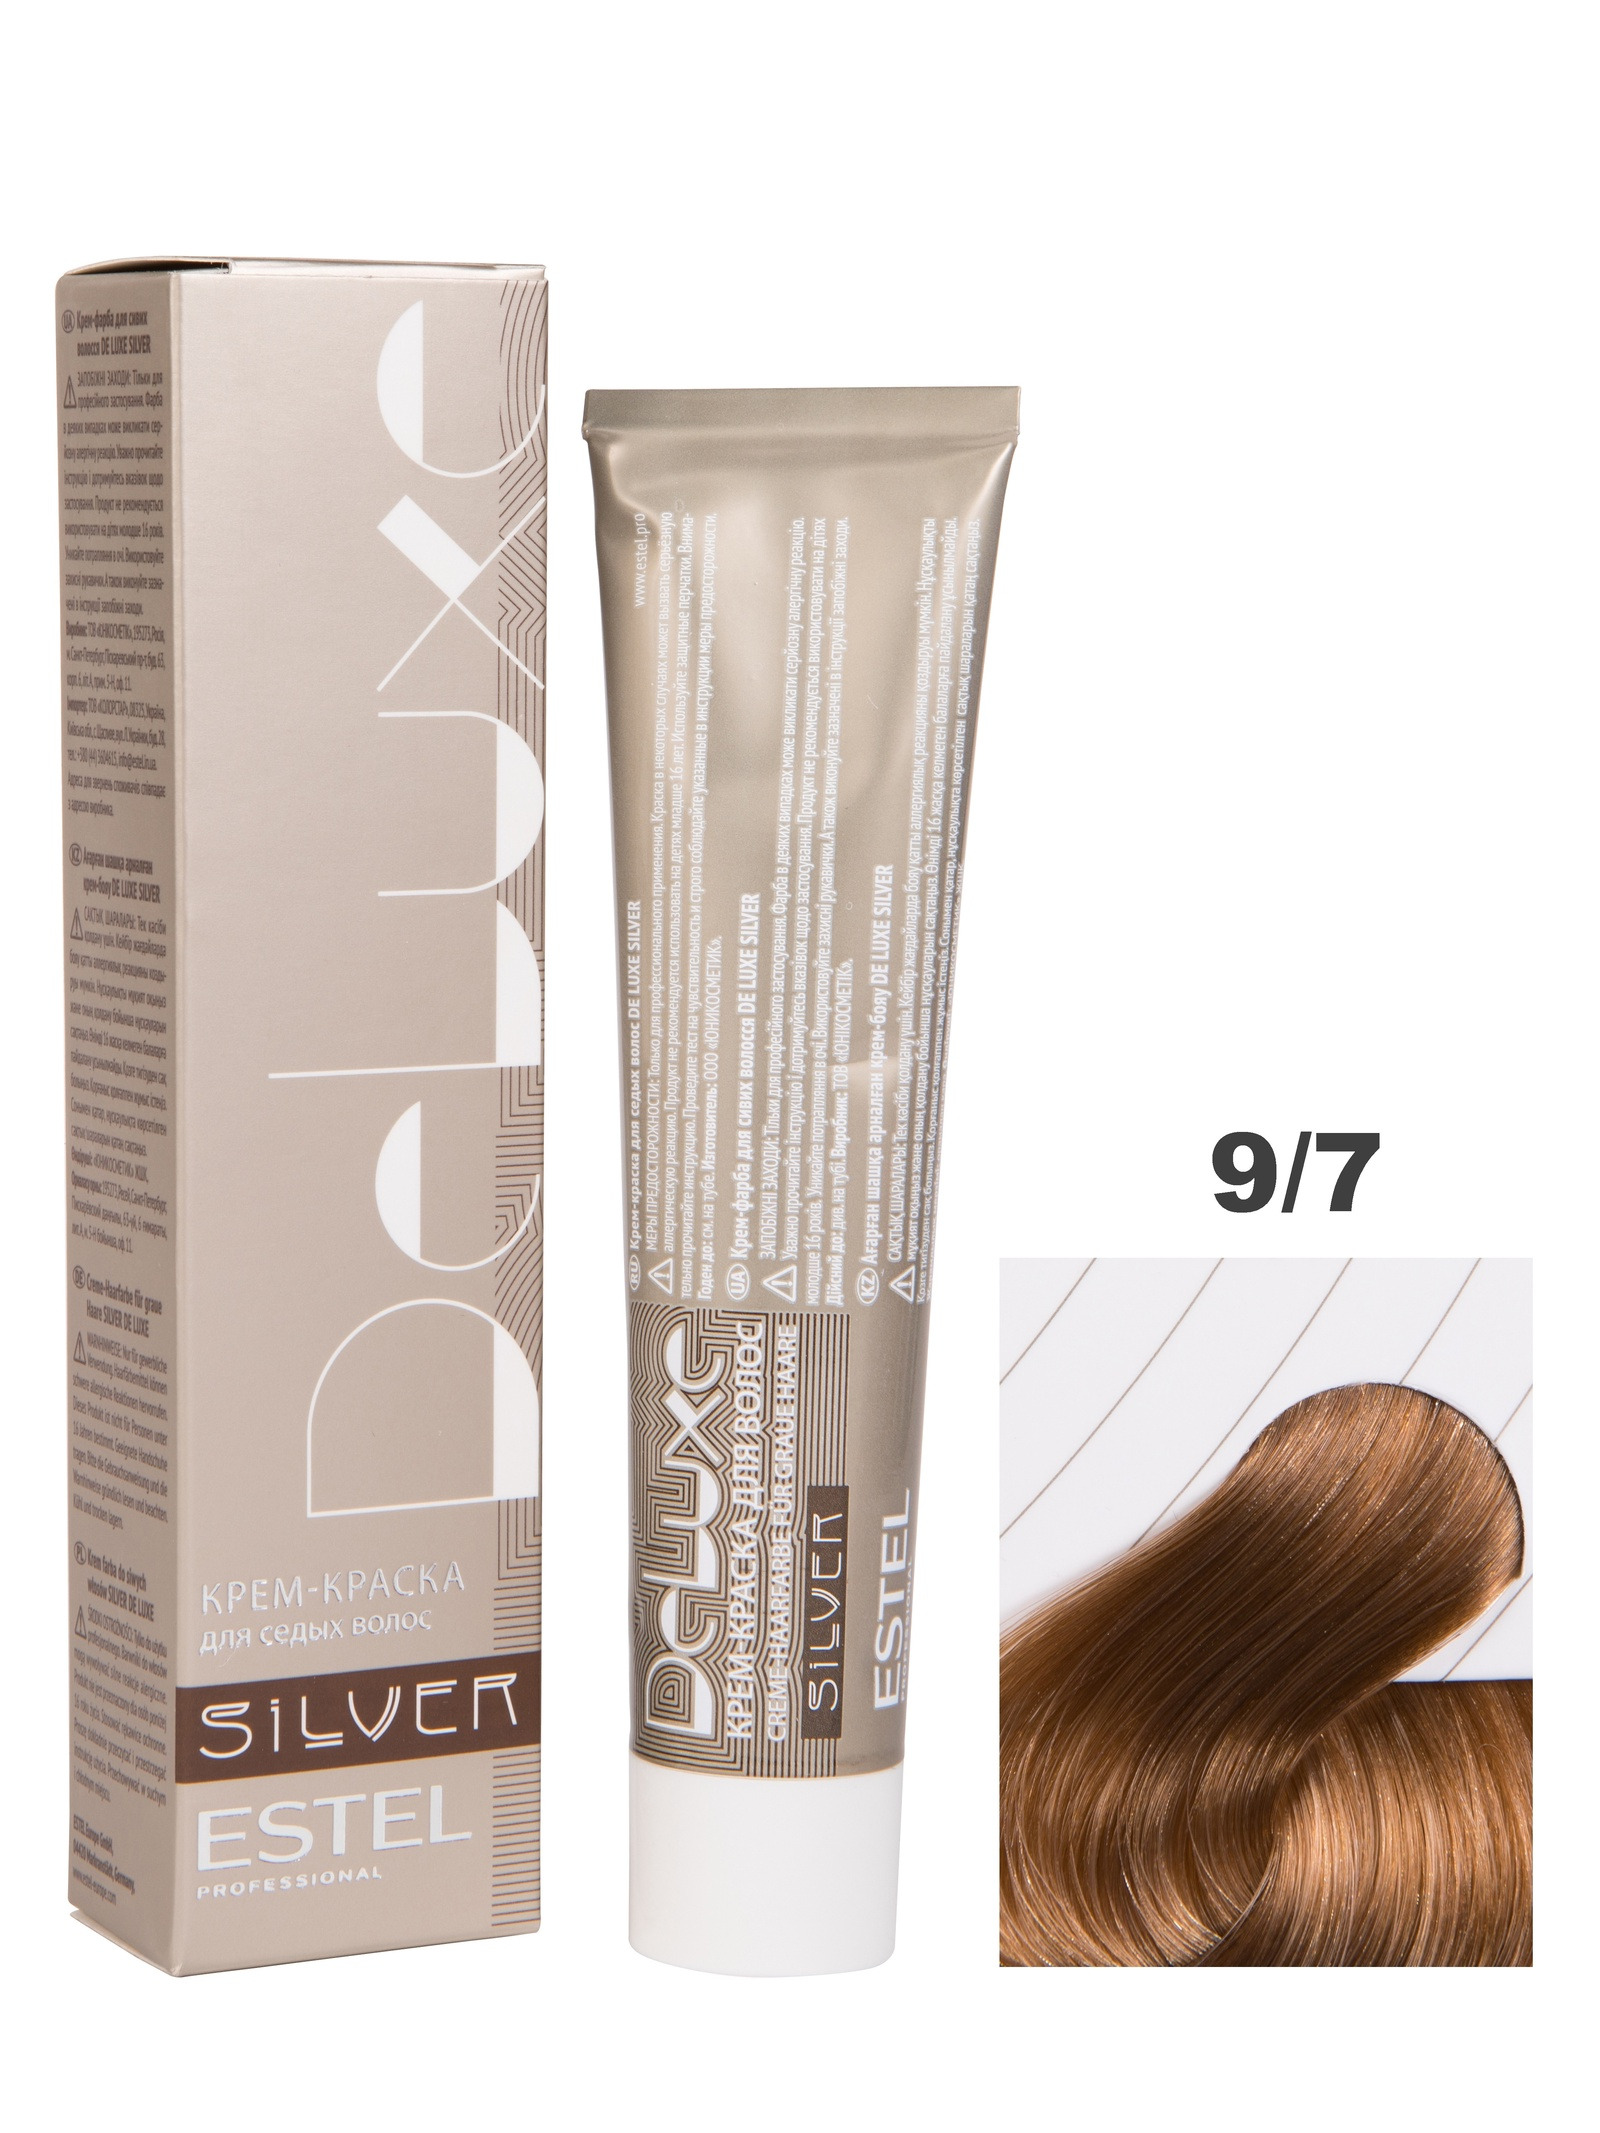 Краска-уход DE LUXE SILVER для окрашивания волос ESTEL PROFESSIONAL 9/7 блондин коричневый 60 мл цена